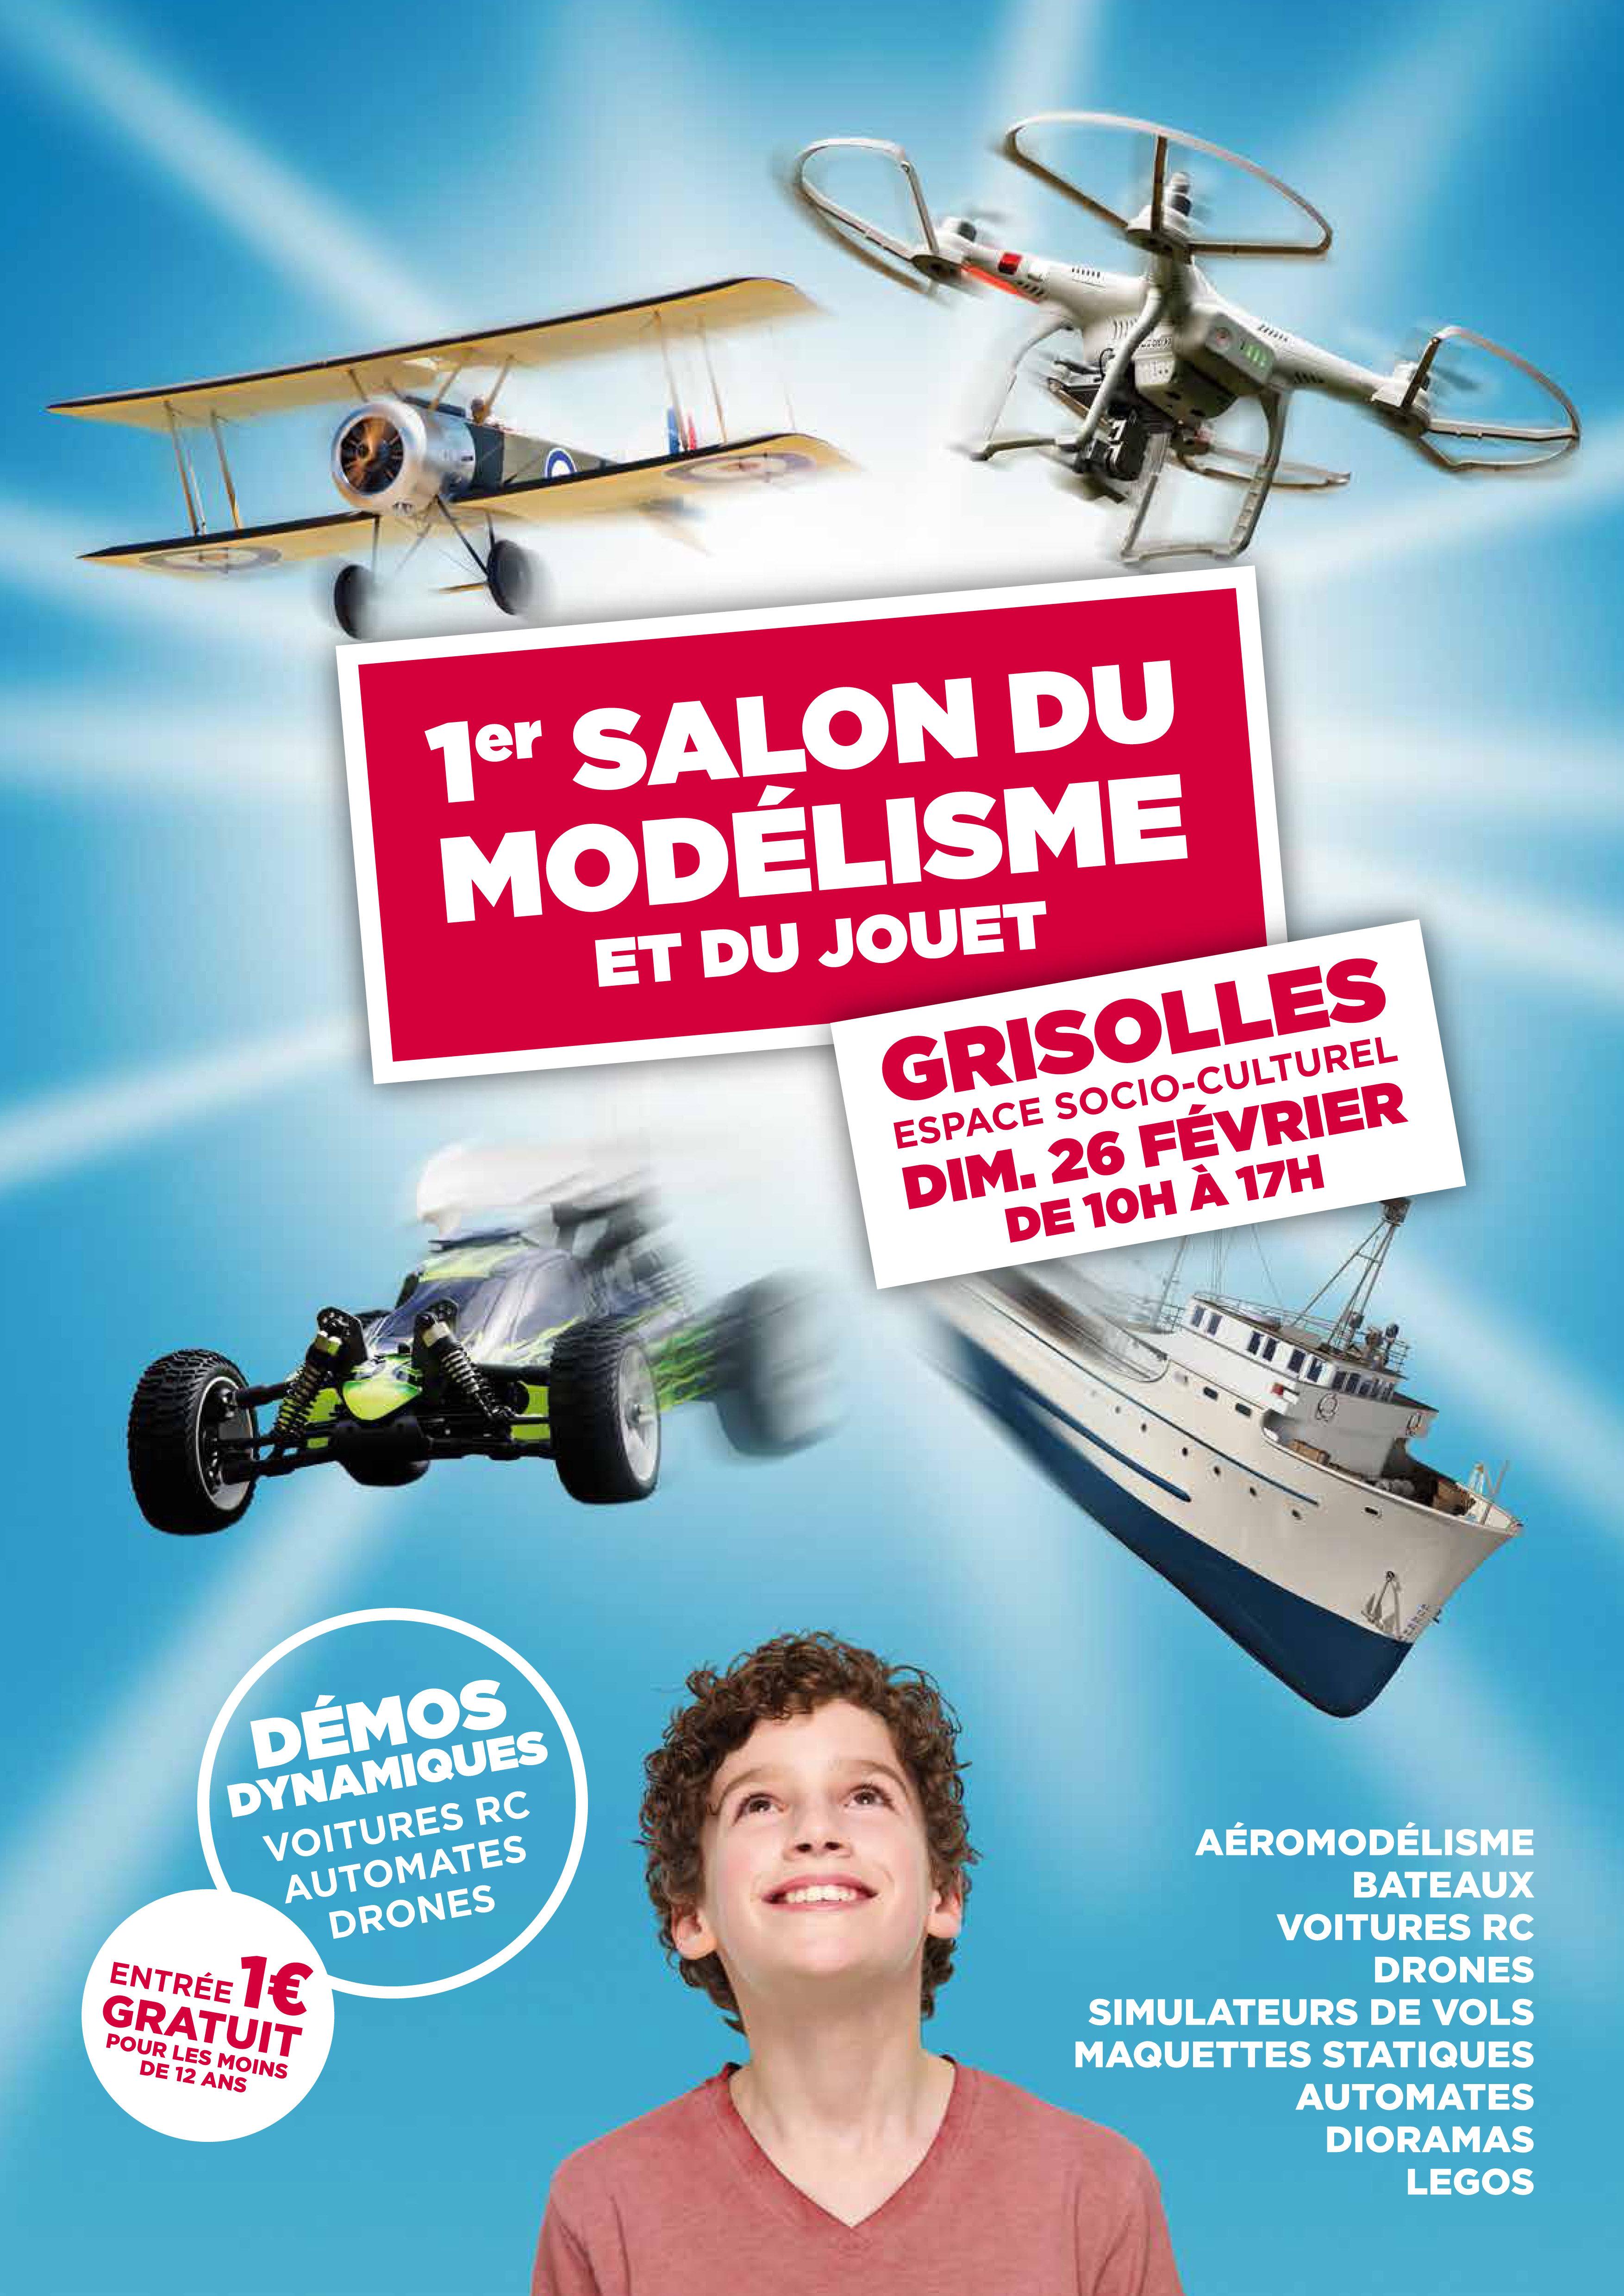 Salon du Modélisme - dimanche 26 février Fe233098-4ad2-4bc0-b523-ea9d5f1269bd